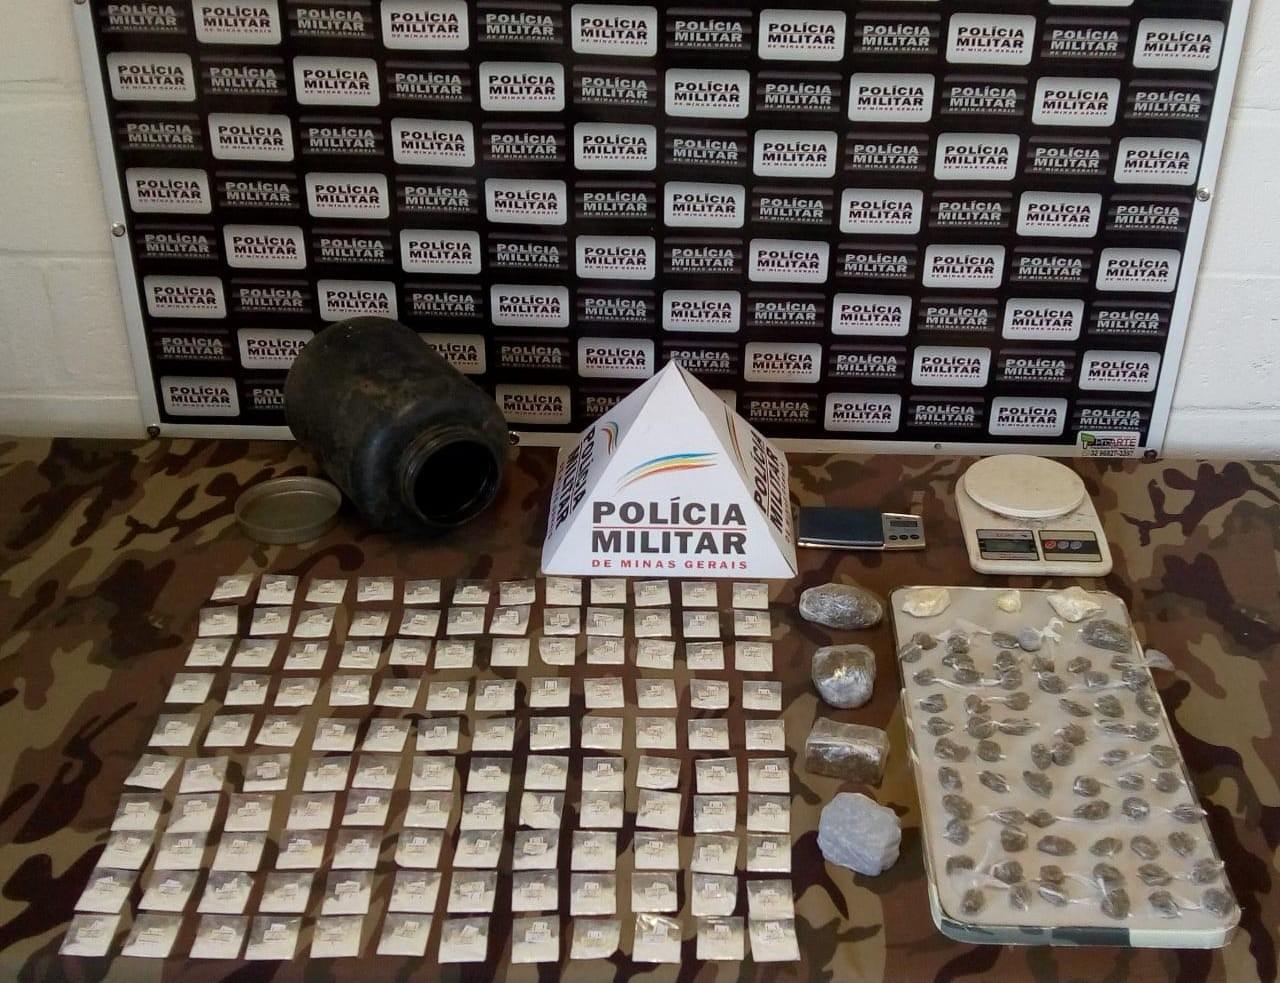 PM localiza e apreende drogas em mata no Bairro Caiçaras II em Juiz de Fora